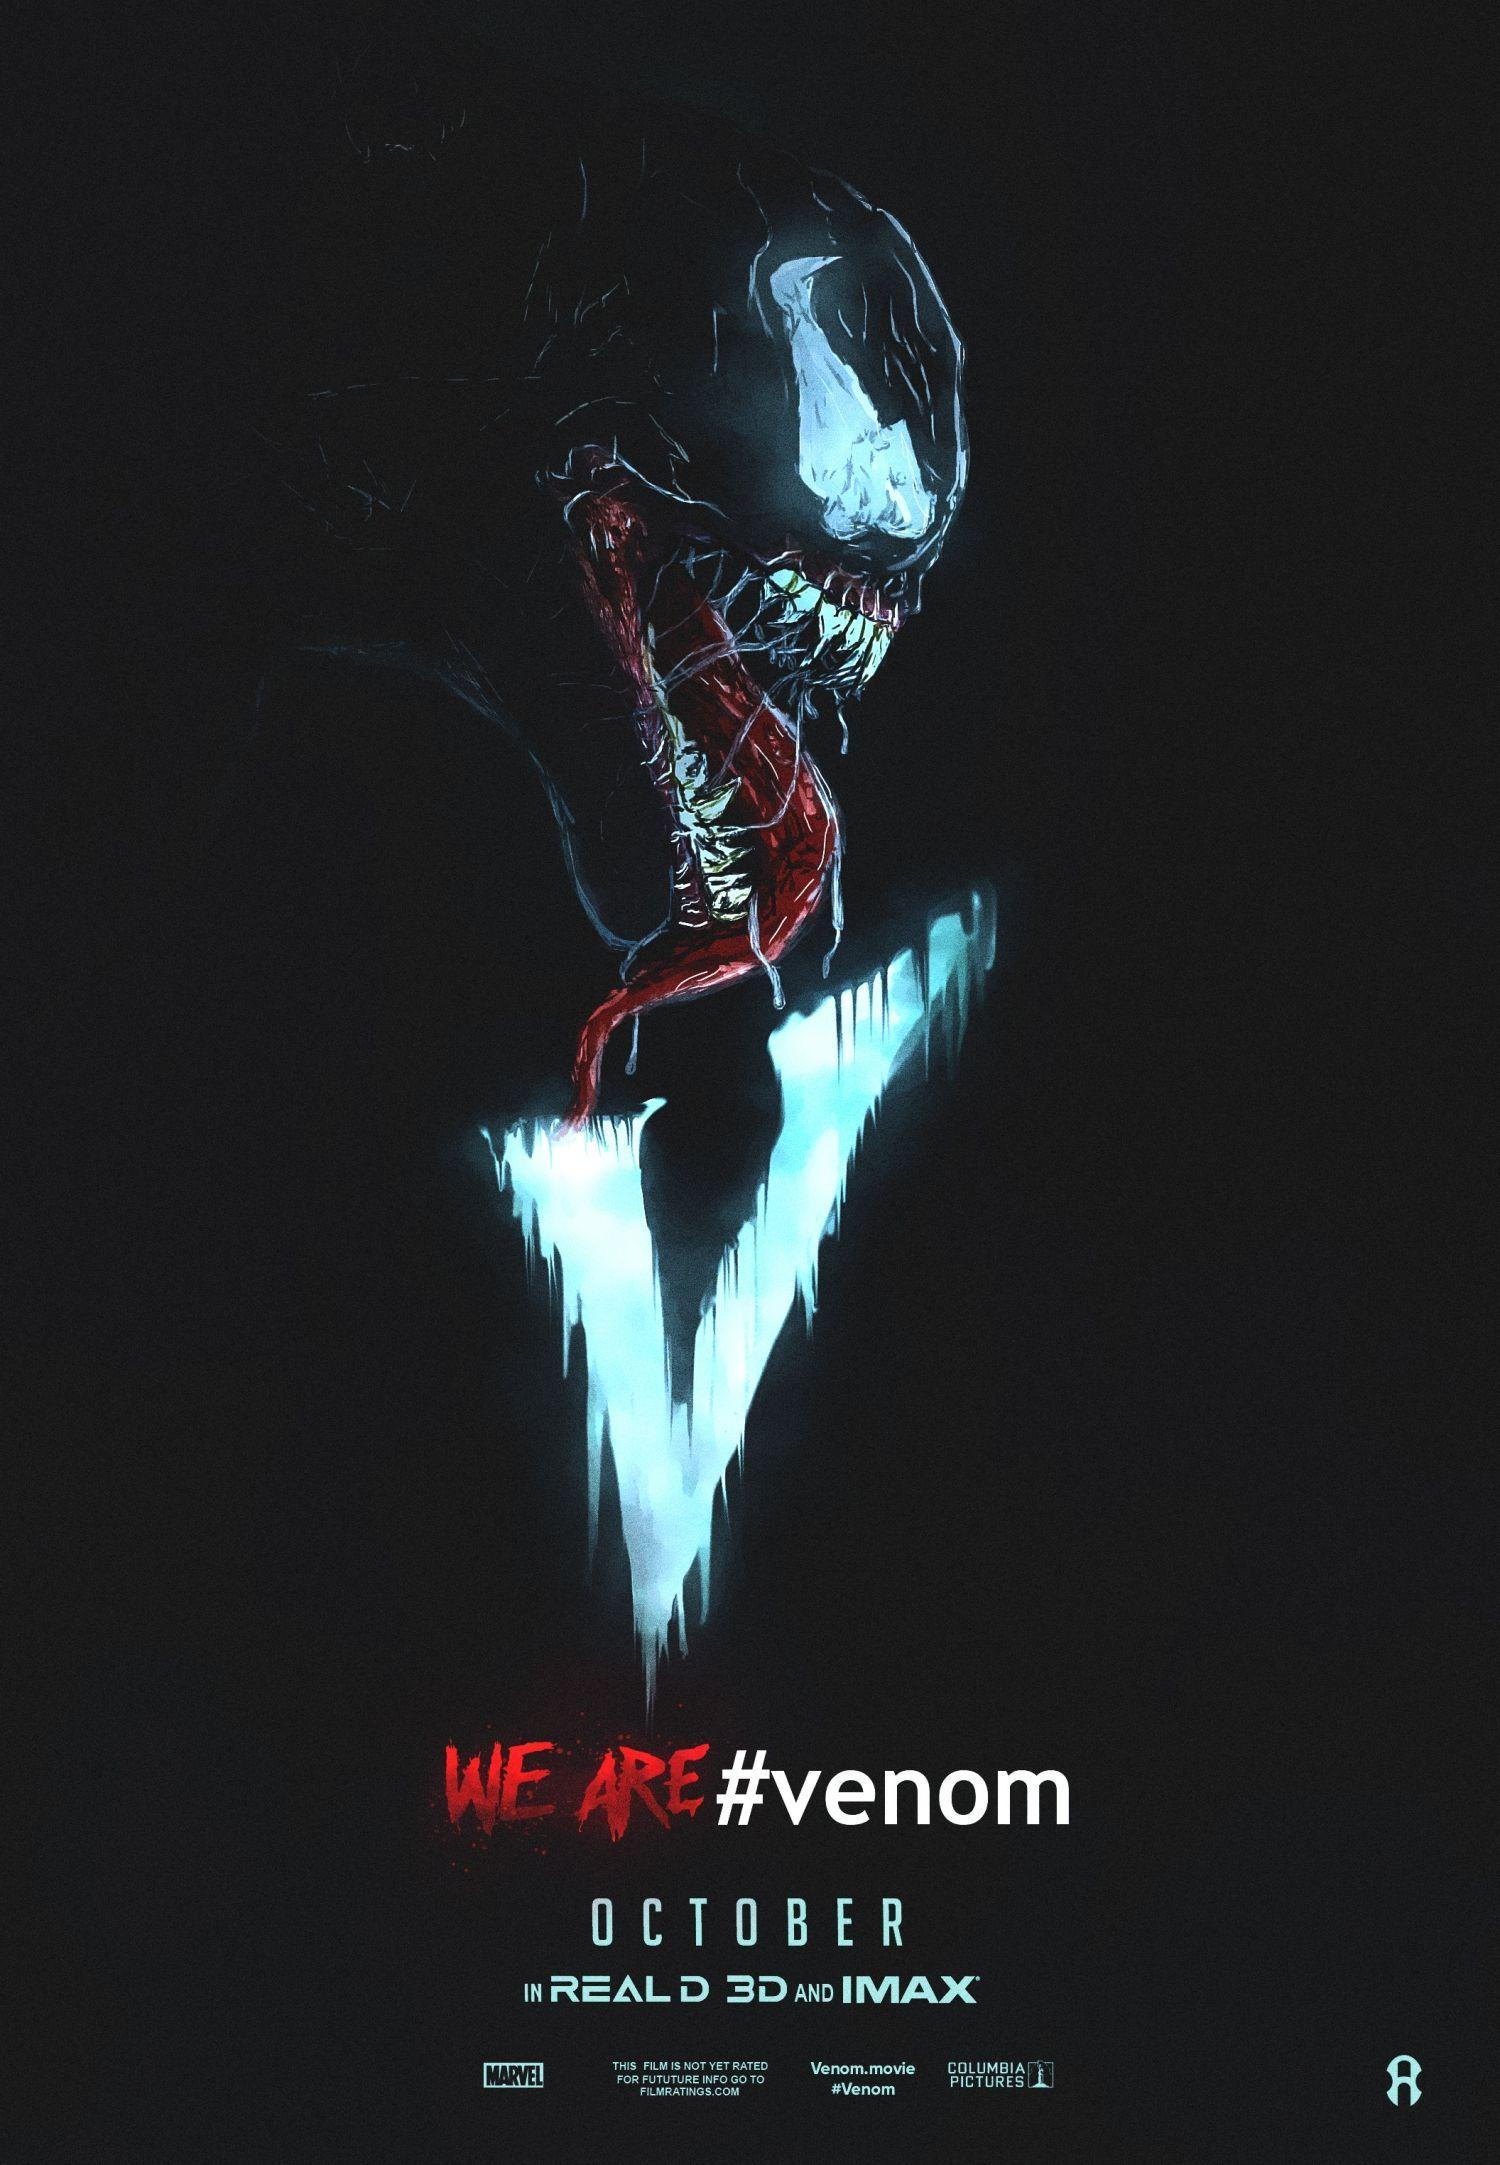 Watch Venom 2018 Hd Online Movies Watch Venom 2018 Movie Full Online Free Venom 2018 Watch Cartoons Online Free Venom 2018 In Hindi Full Movie Watc